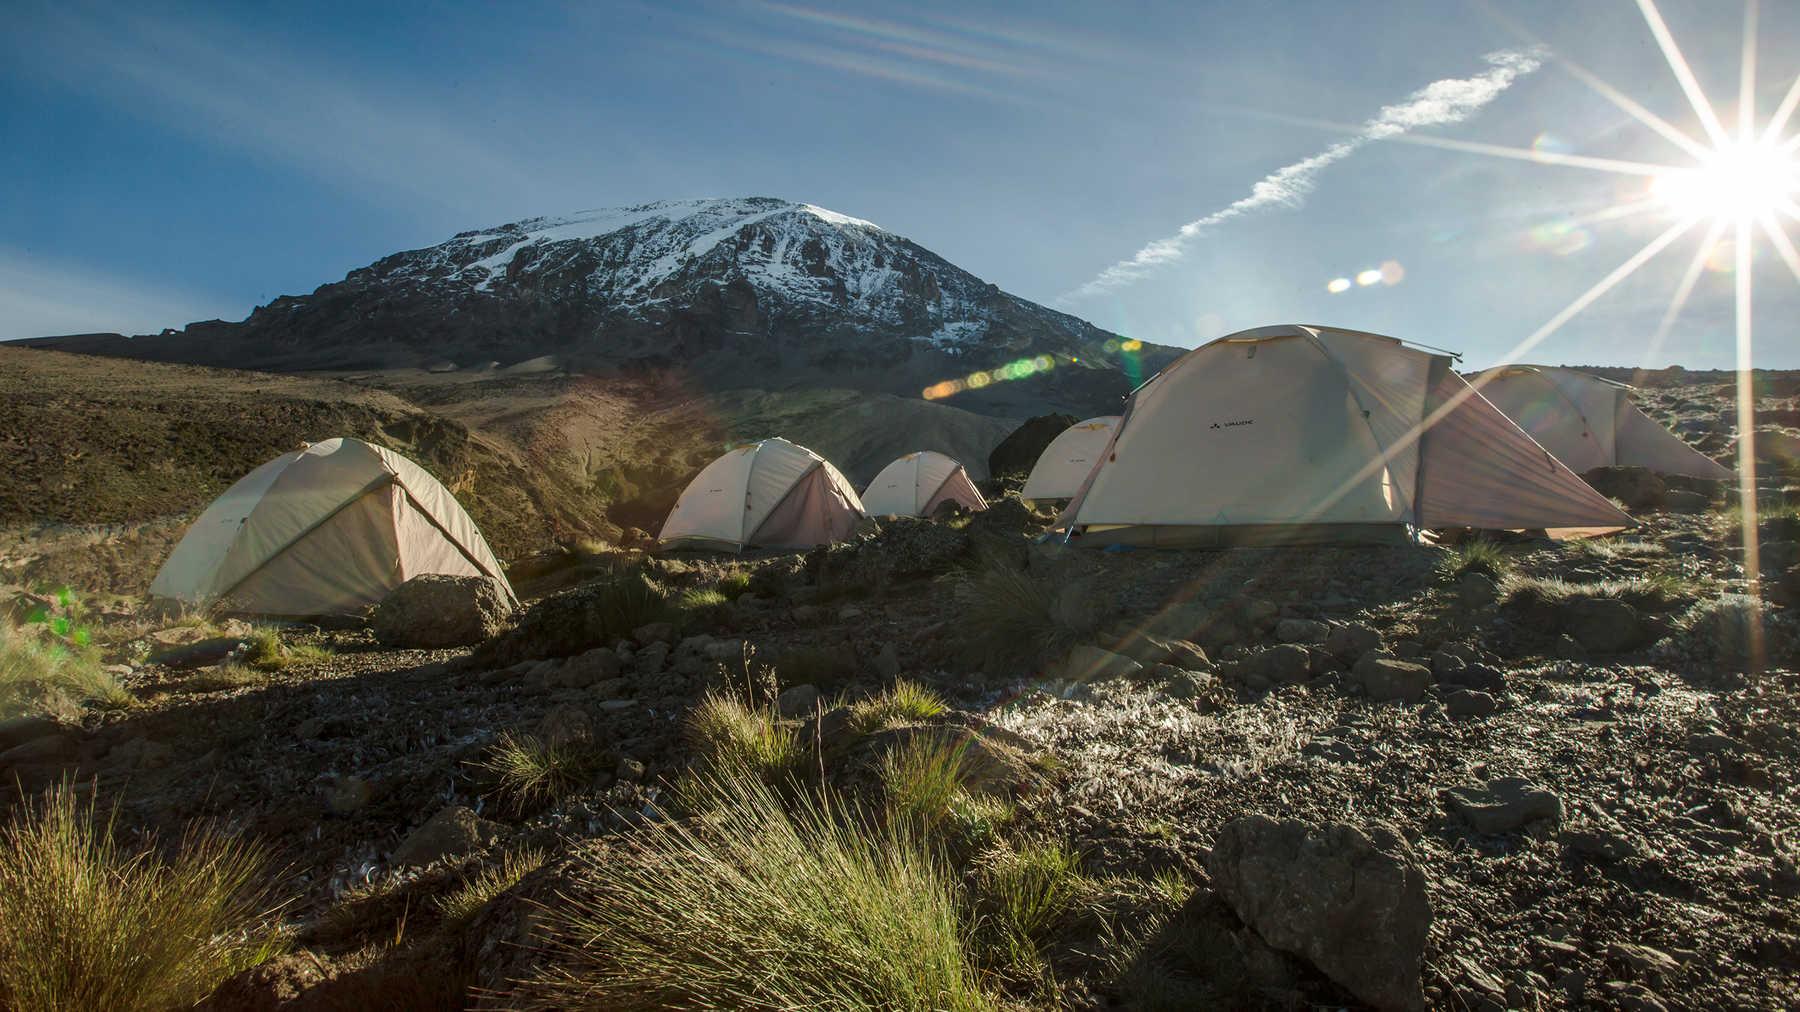 Kilimanjaro - Marangu Route & Zanzibar Adventure Tanzania